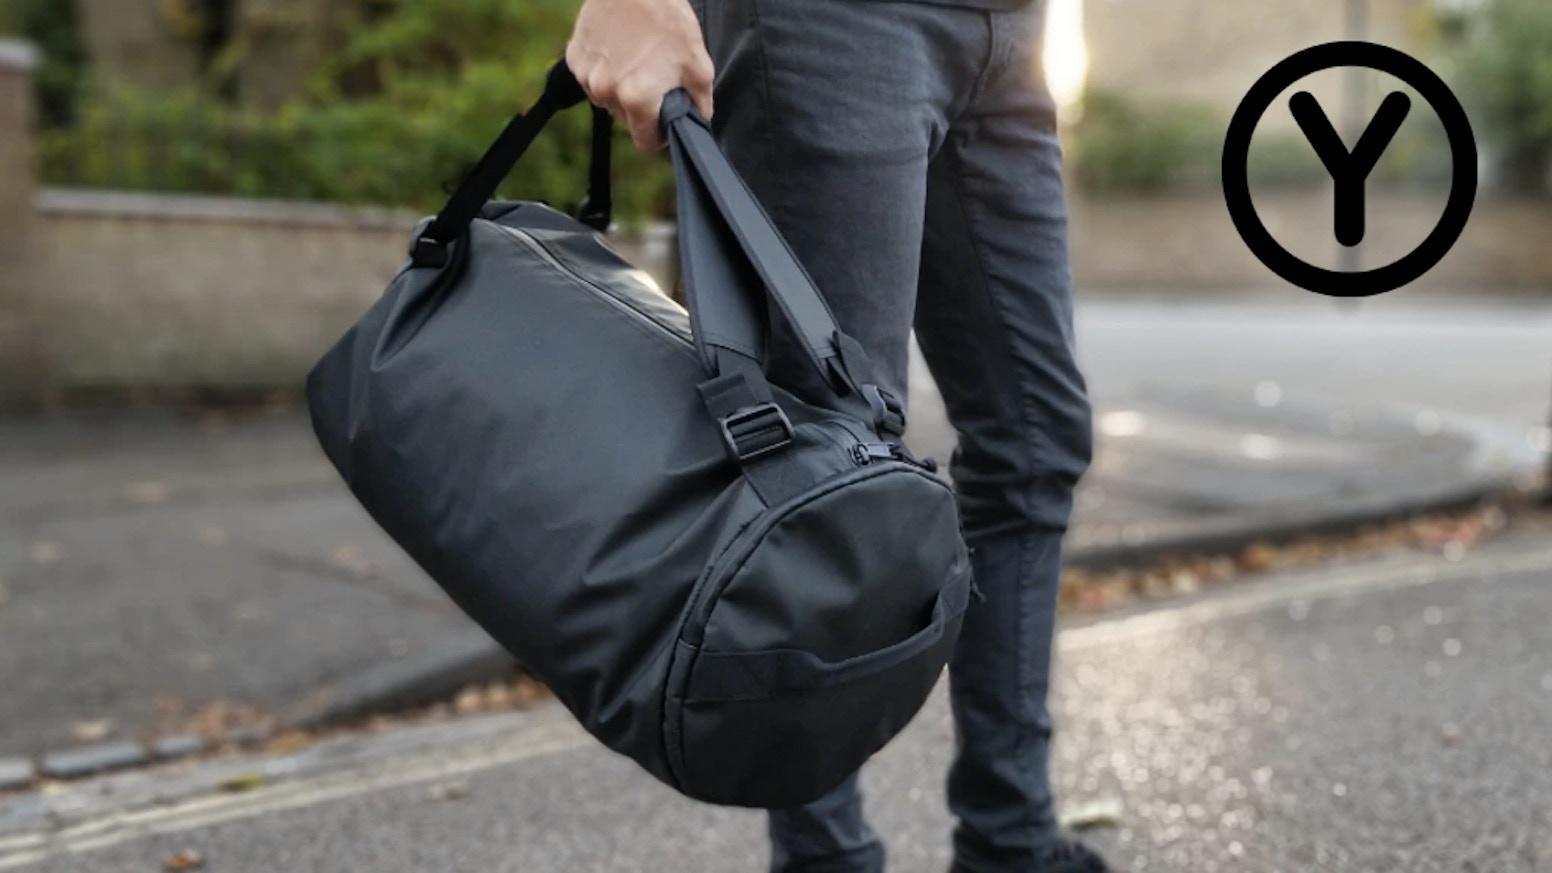 Y Duffle Bag Urban Simplicity By Bags Community